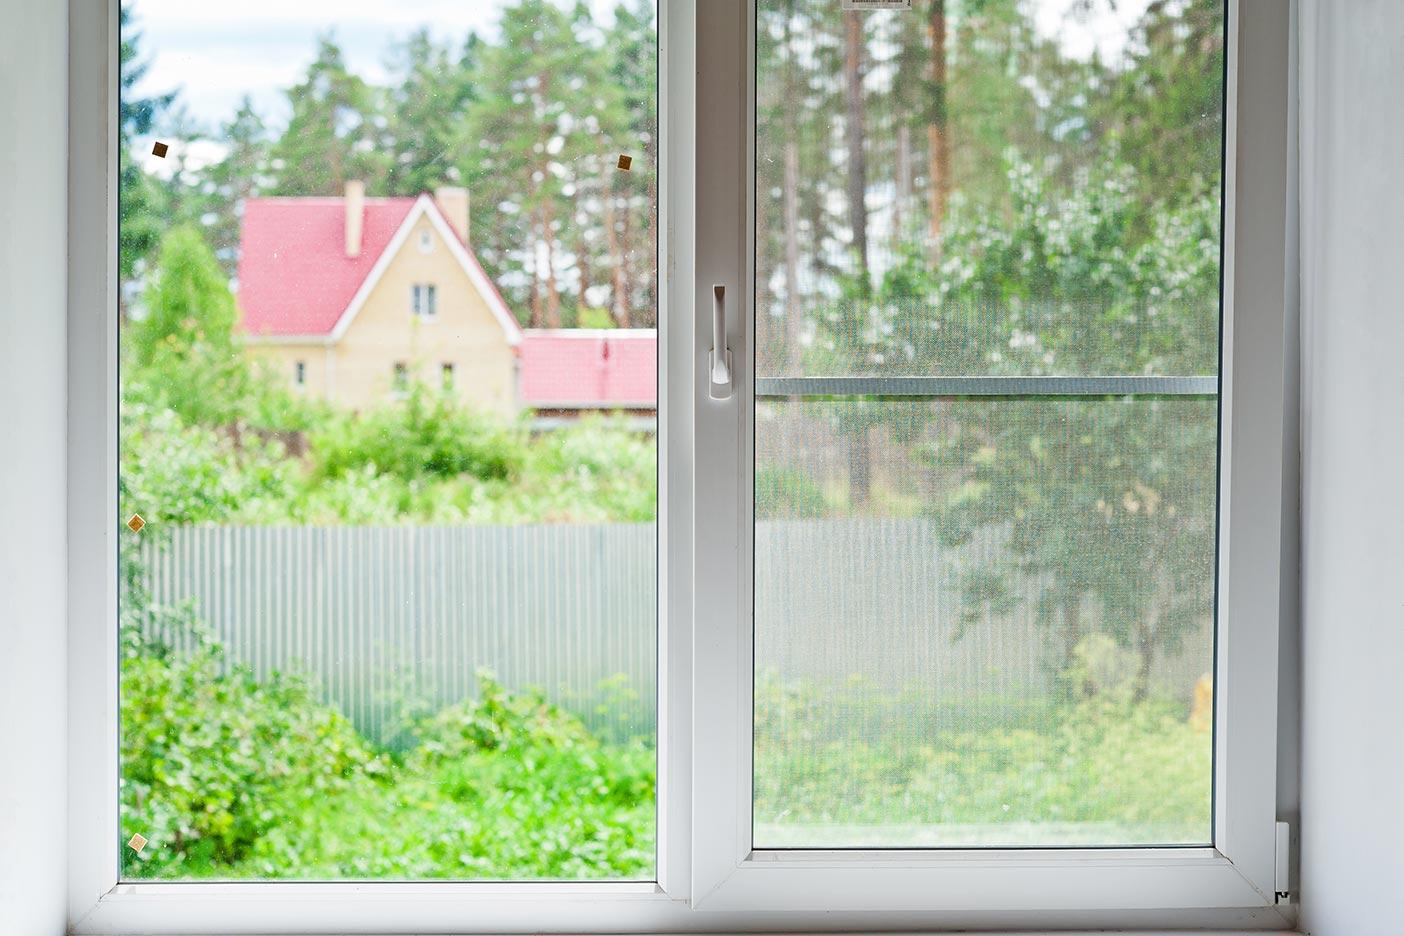 Gerade in ländlichen Gegenden empfiehlt sich ein Insektenschutz für das gekippte Fenster.